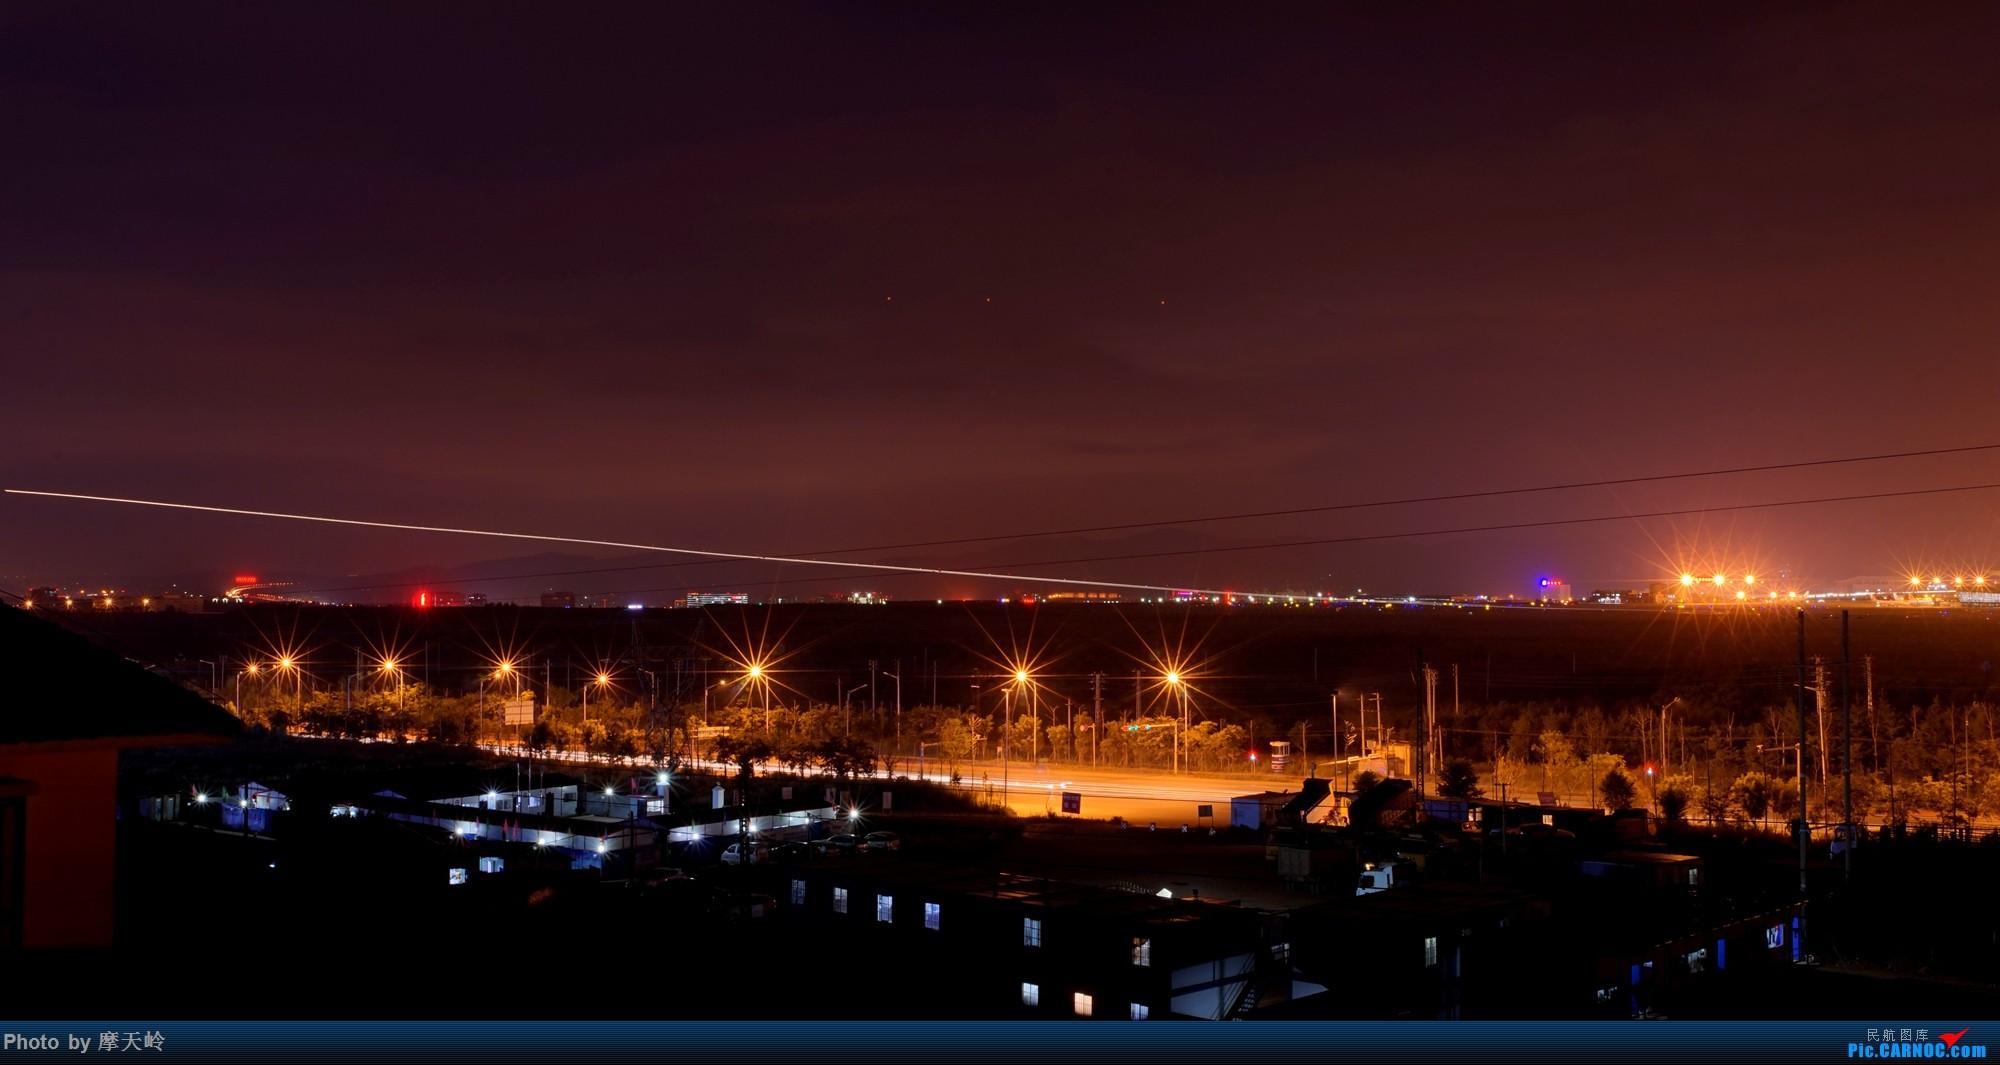 [原创]昆明长水   长曝夜景    中国昆明长水国际机场